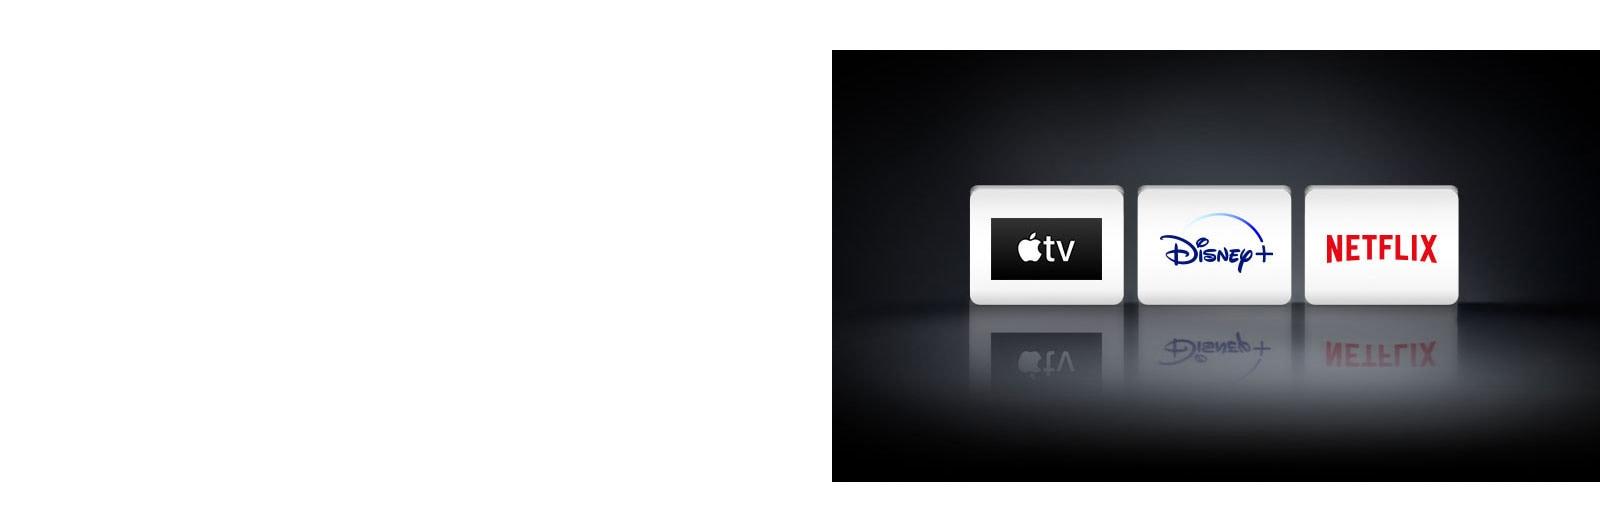 λογότυπα: Η εφαρμογή Apple TV, Disney+ και Netflix